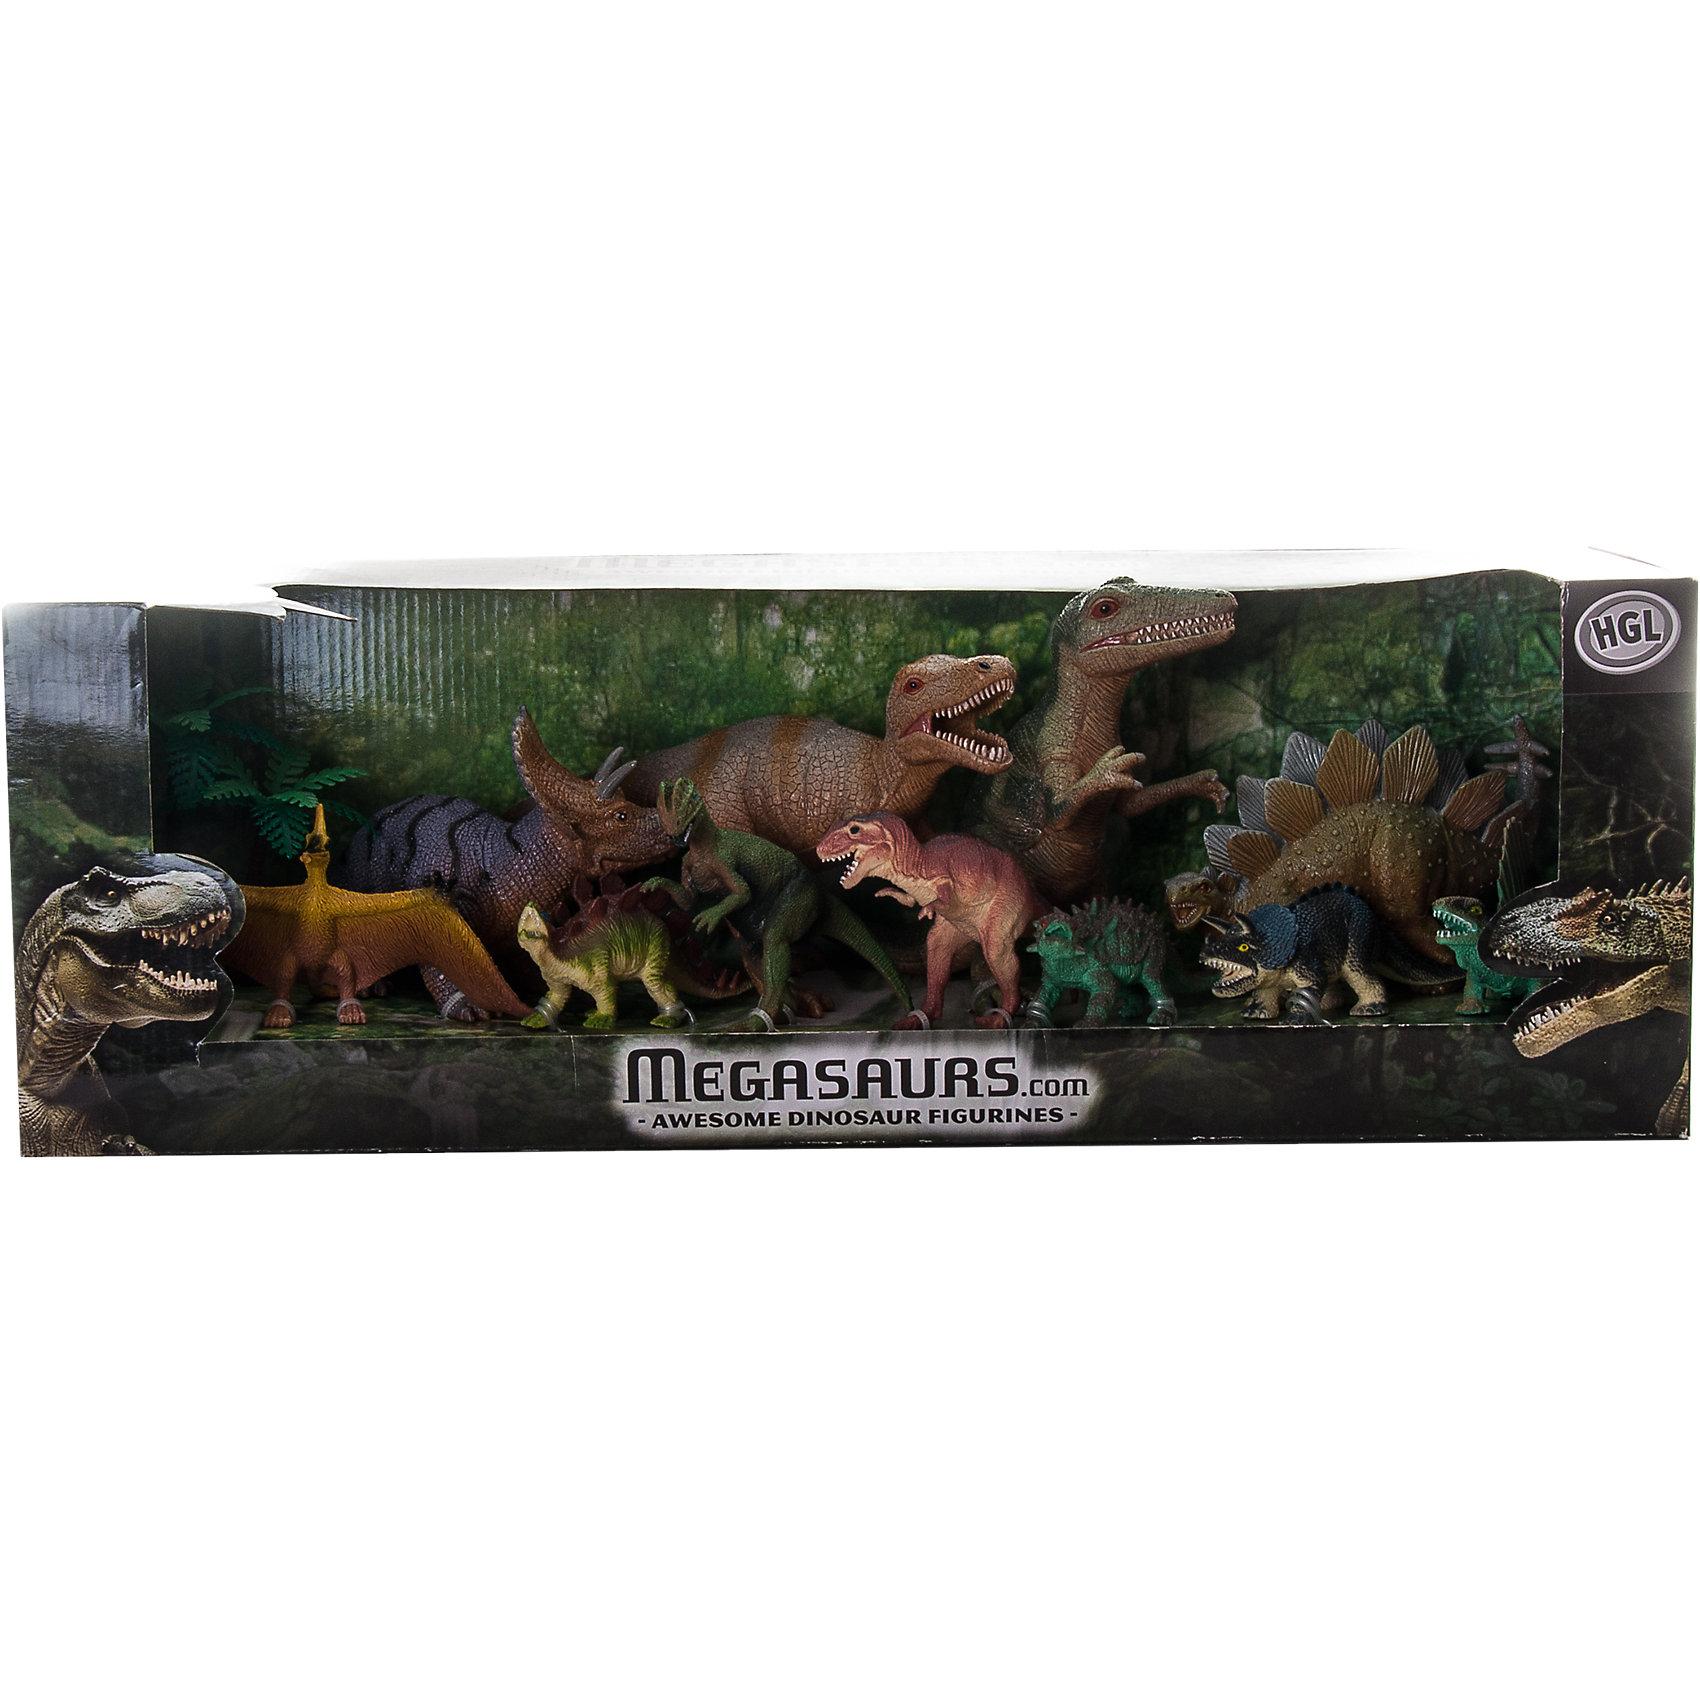 Игровой набор динозавров, 12 шт, HGL, в ассортиментеДинозавры и драконы<br>Детей всех возрастов привлекают фильмы и рассказы о доисторических временах и чудесных динозаврах, населявших Землю до возникновения человека. Подстегните фантазию юного любителя древностей - подарите ему динозавра из серии игрушек HGL. Специалисты компании создавали игрушки максимально похожими на своих прародителей, поэтому динозавры HGL такие интересные. Динозавры от HGL - замечательный масштабный игровой набор состоящий из двенадцати фигурок ящеров, существовавших на Земле много миллионов лет назад. Среди них яркие представители изученных видов динозавров: свирепые хищники и травоядные. Особенный интерес представляет тот факт, что все динозавры выполнены в масштабе, поэтому ребенок сможет наглядно представить каких размеров был каждый вид динозавра по сравнению с другим. Ребенку обязательно захочется узнать все о повадках и образе жизни каждого ящера. А применить эти знания можно разыгрывая истории с замечательным набором от HGL. Ребенок будет в восторге от такого замечательного подарка. Массивные динозавры сделаны из мягкого ПВХ безопасного для детей. Внушительные размеры и отличная детализация динозавров помогут ребенку окунуться в далекий и такой манящий доисторический мир, полный приключений.<br><br>Дополнительная информация:<br><br>- Внешний вид фигурок основан на реальных данных палеонтологов;<br>- Материал: ПВХ;<br>- Размер упаковки: 16,5 х 16,5 х 53,5 см;<br>- Вес: 1,2 кг<br><br>ВНИМАНИЕ! Данный товар представлен в ассортименте. К сожалению, предварительный выбор невозможен. При заказе нескольких единиц данного товара возможно получение одинаковых.<br><br>Игровой набор динозавров, 12 шт HGL в ассортименте можно купить в нашем интернет-магазине.<br><br>Ширина мм: 165<br>Глубина мм: 165<br>Высота мм: 535<br>Вес г: 1200<br>Возраст от месяцев: 36<br>Возраст до месяцев: 192<br>Пол: Унисекс<br>Возраст: Детский<br>SKU: 4135957